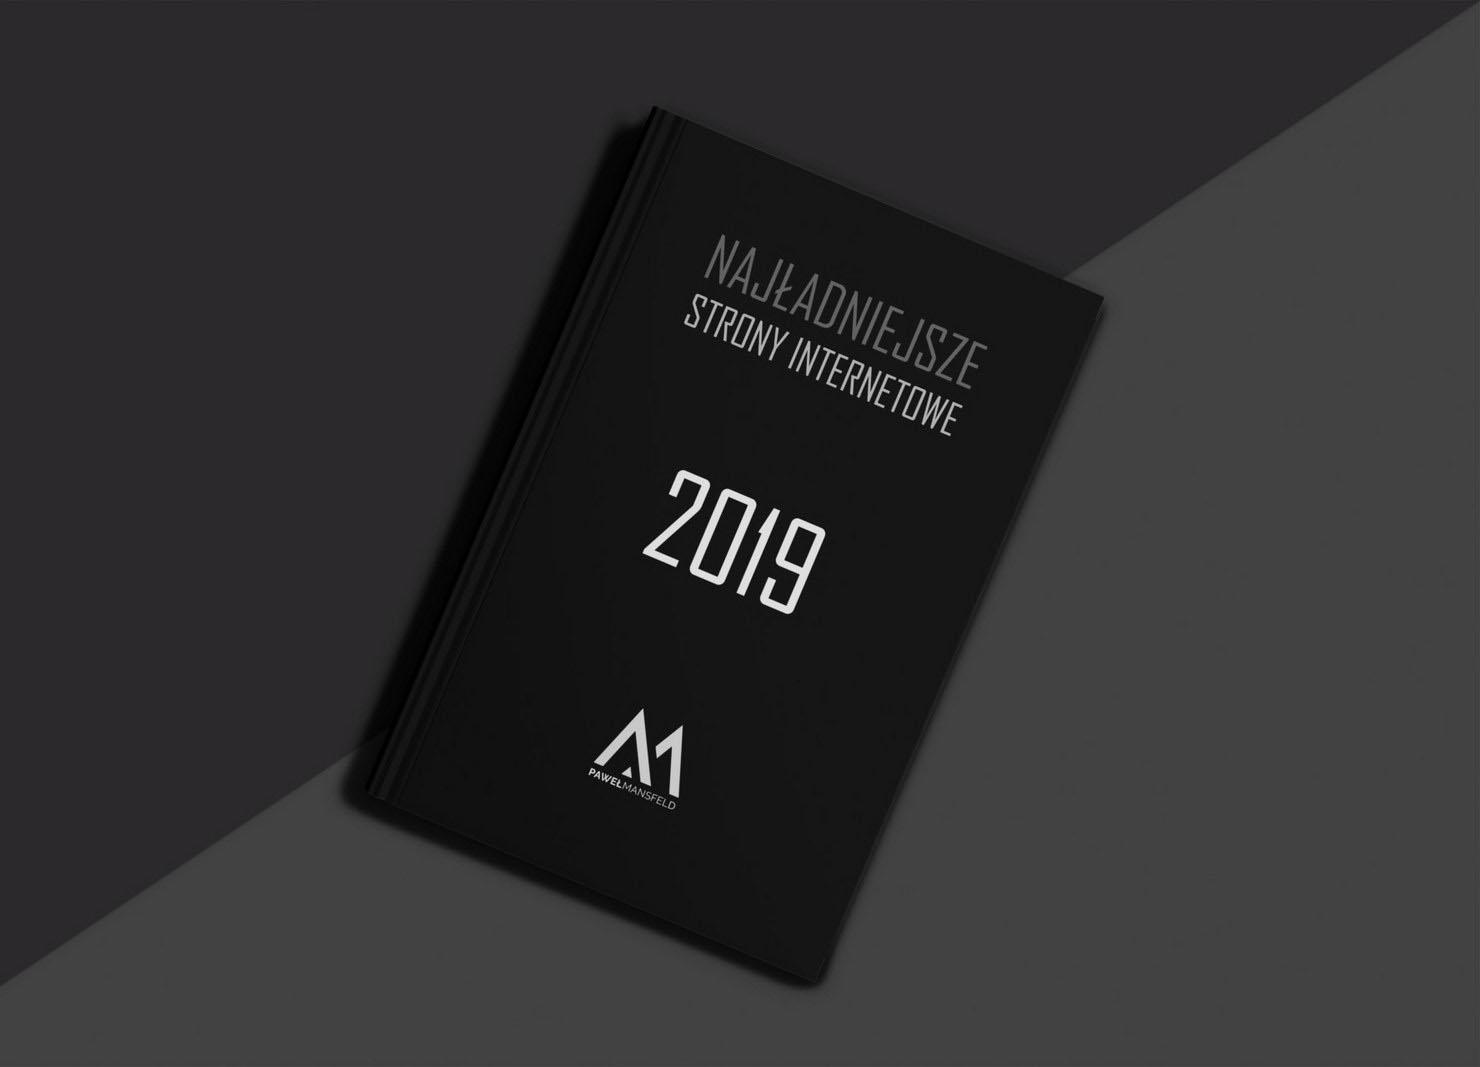 Najładniejsze strony internetowe 2019